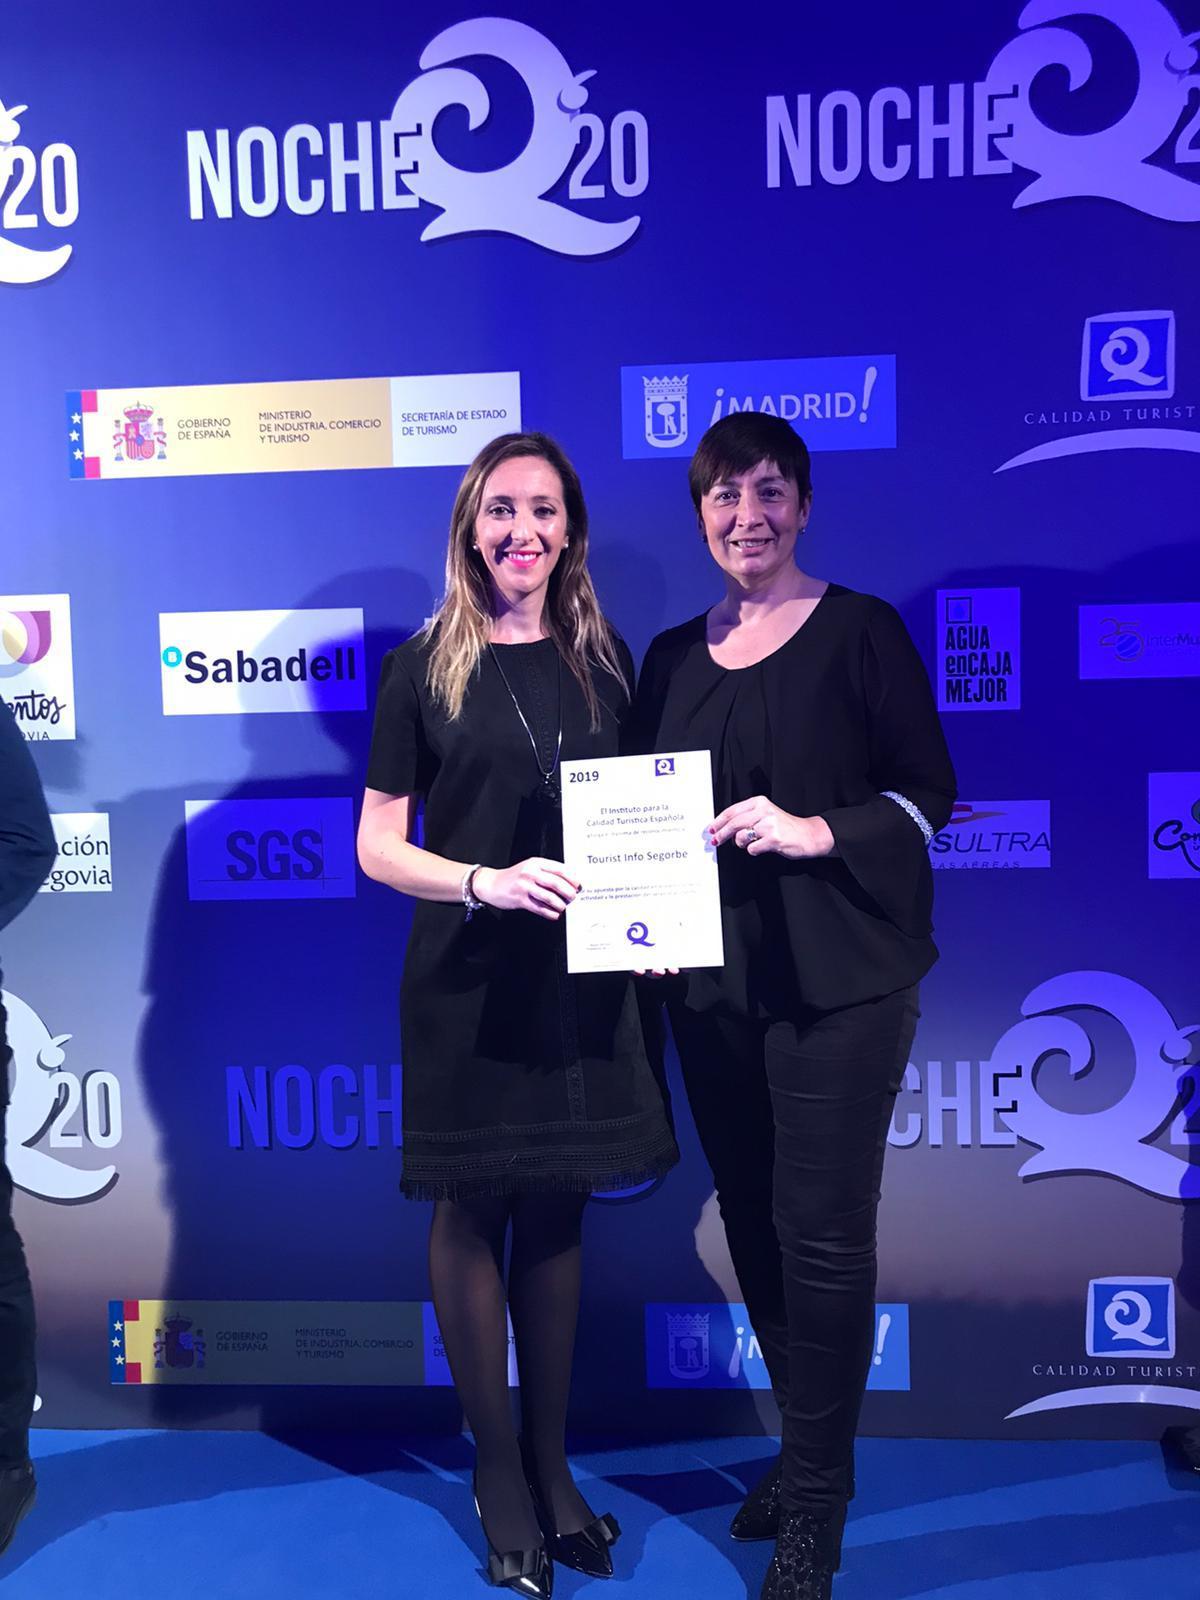 La-Alcaldesa-de-Segorbe-y-la-Concejal-deTurismo-recogieron-el-Premio-Q-que-avala-la-calidad-en-la-Tourist-Info-de-Segorbe.